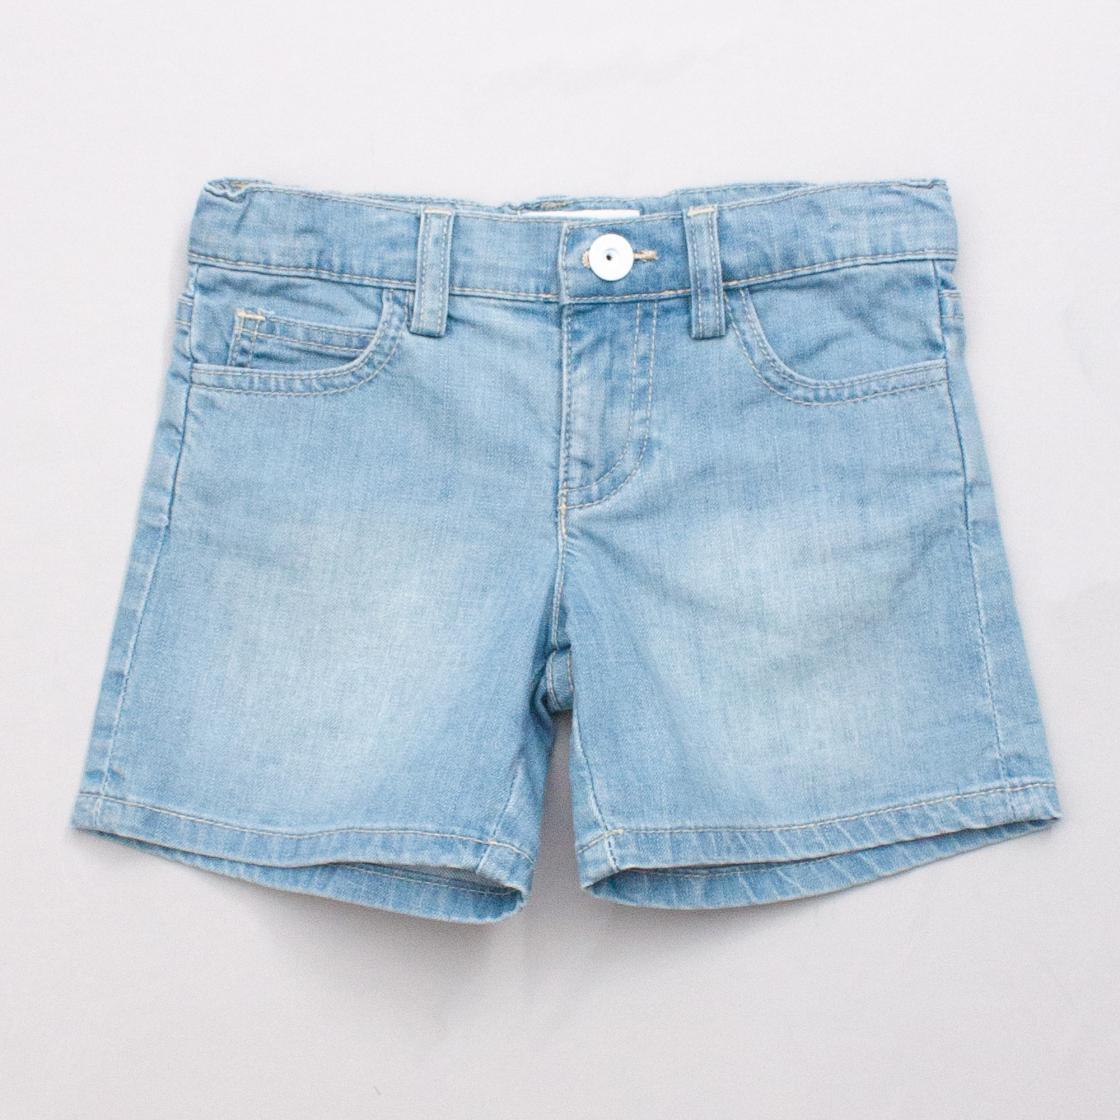 Witchery Denim Shorts